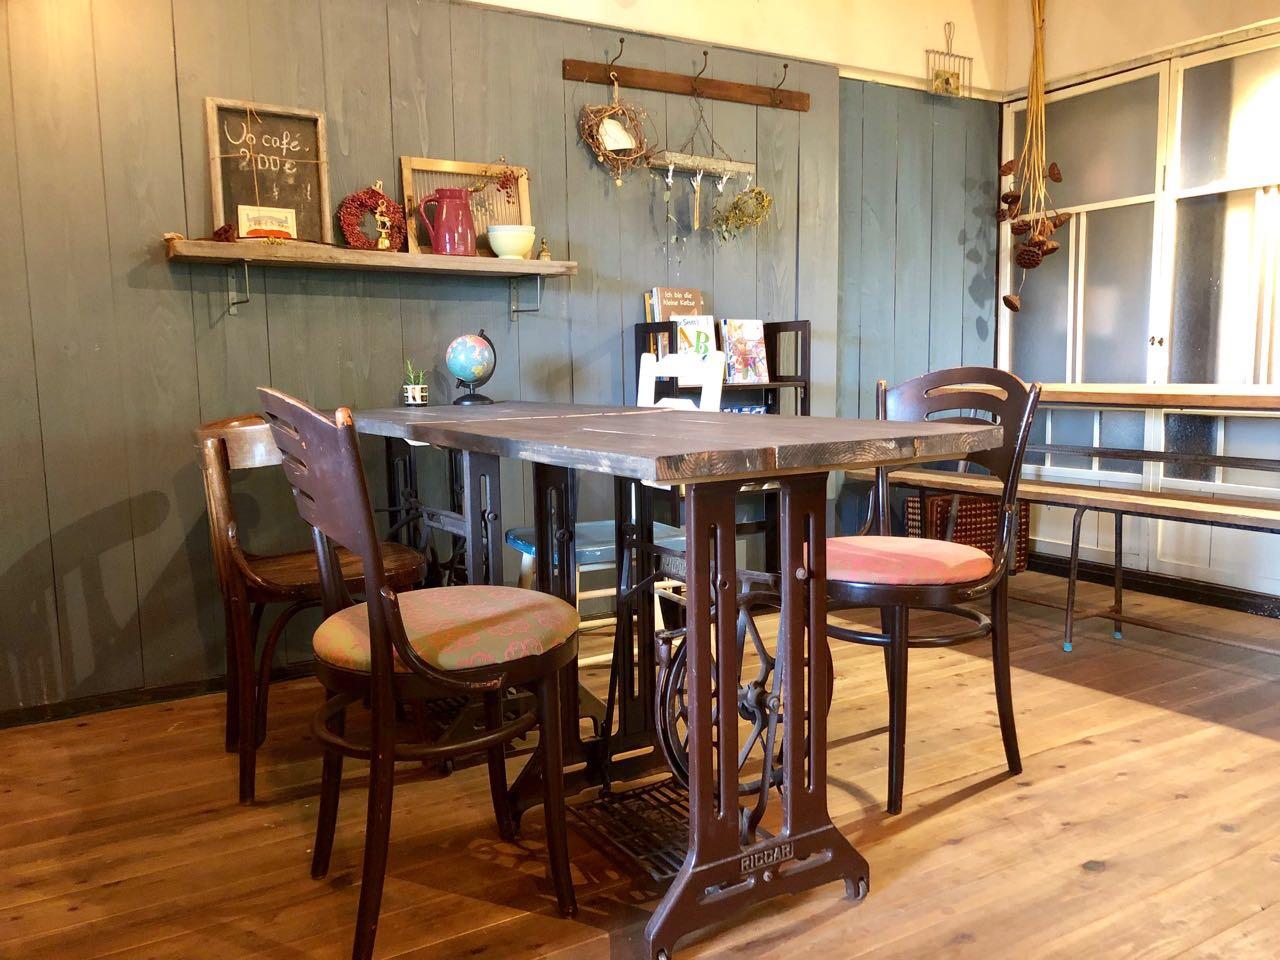 ハリスカフェのアンティークなテーブルとイス